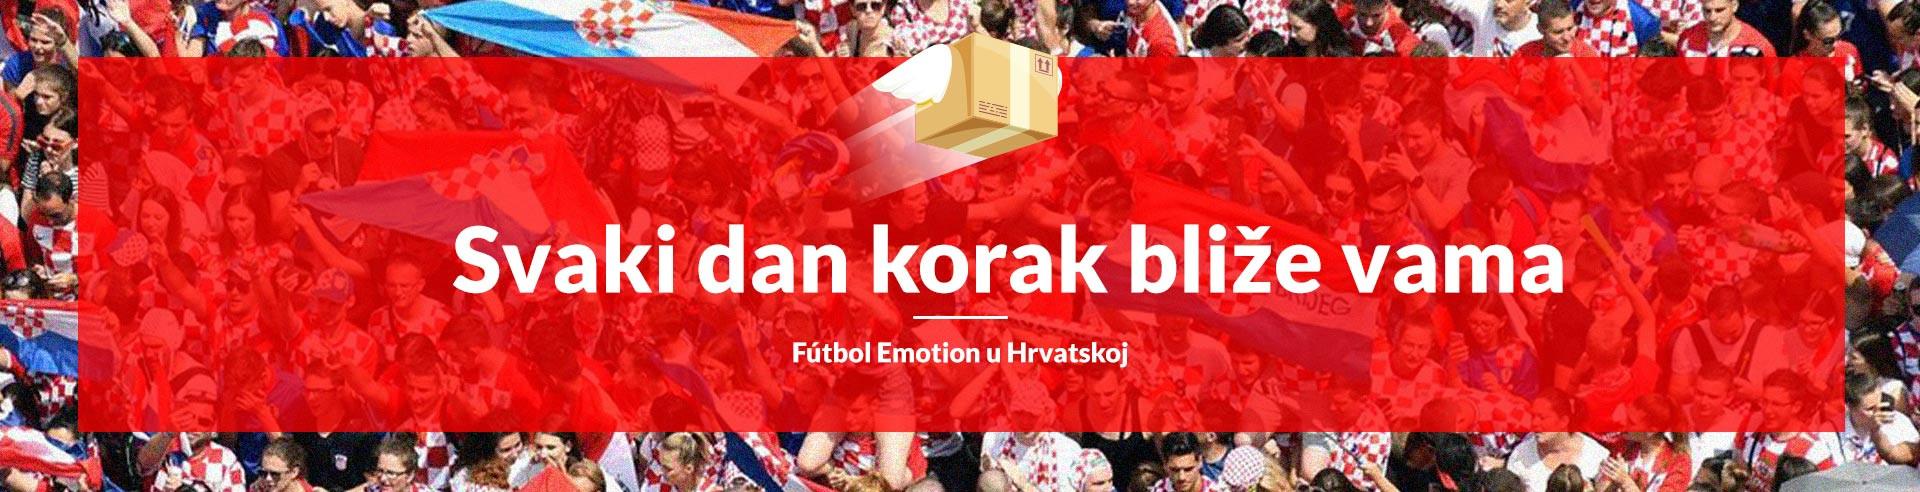 Fútbol Emotion u Hrvatskoj